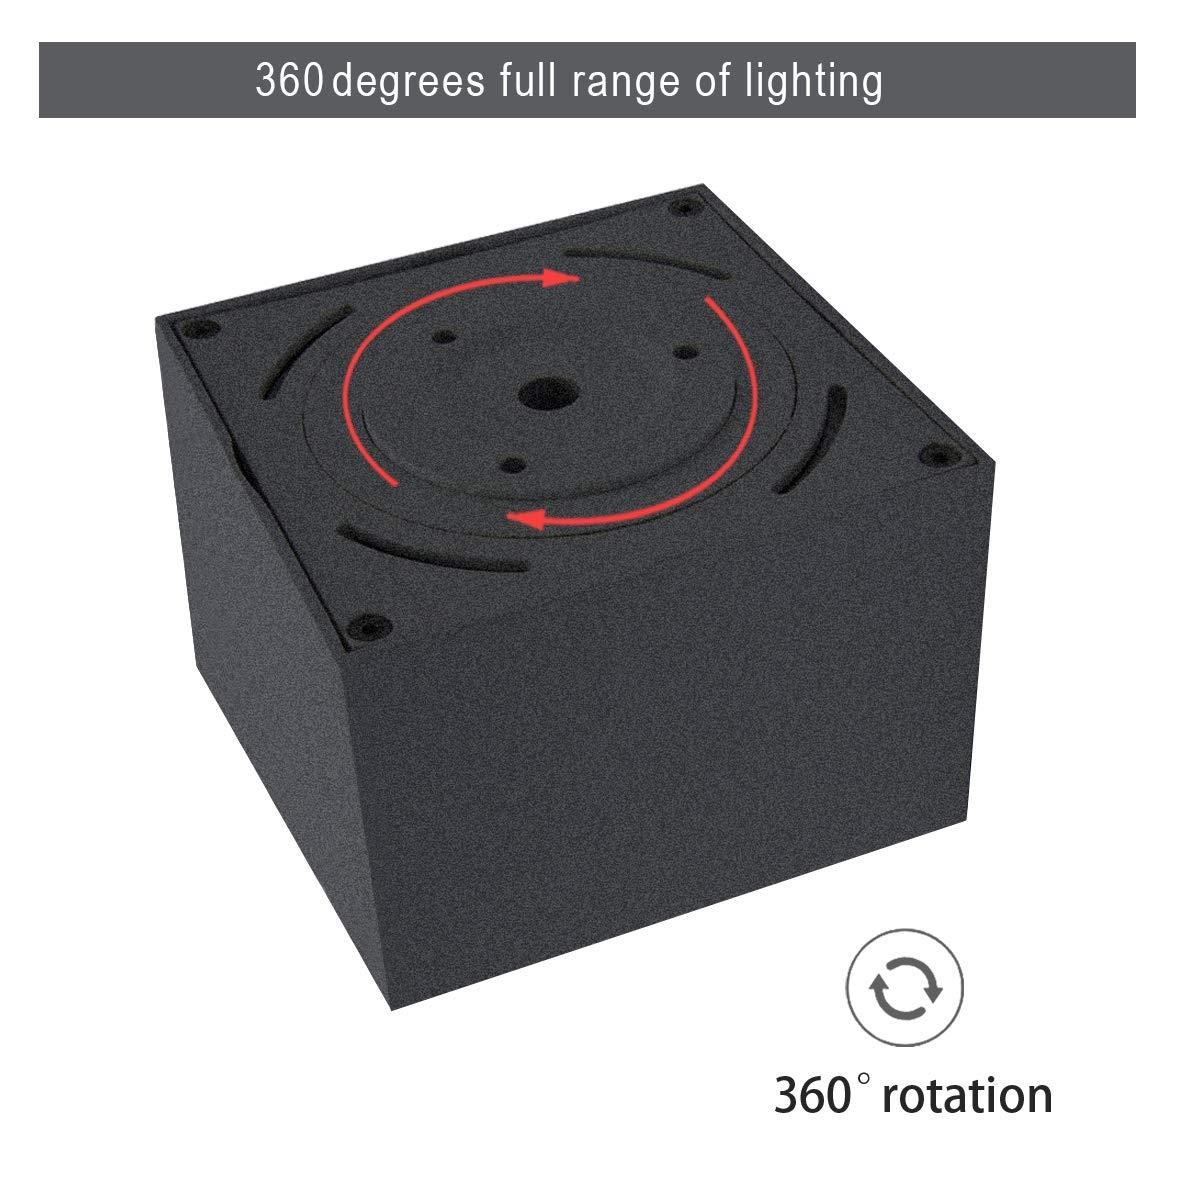 Bianco-4000K Dr.lazy 10W LED Spot light Faretti da soffitto,Faretto Lampada,plafoniera faretto,Lampade da soffitto,Faretto Orientabili,Faretti da muro,10x10x7CM